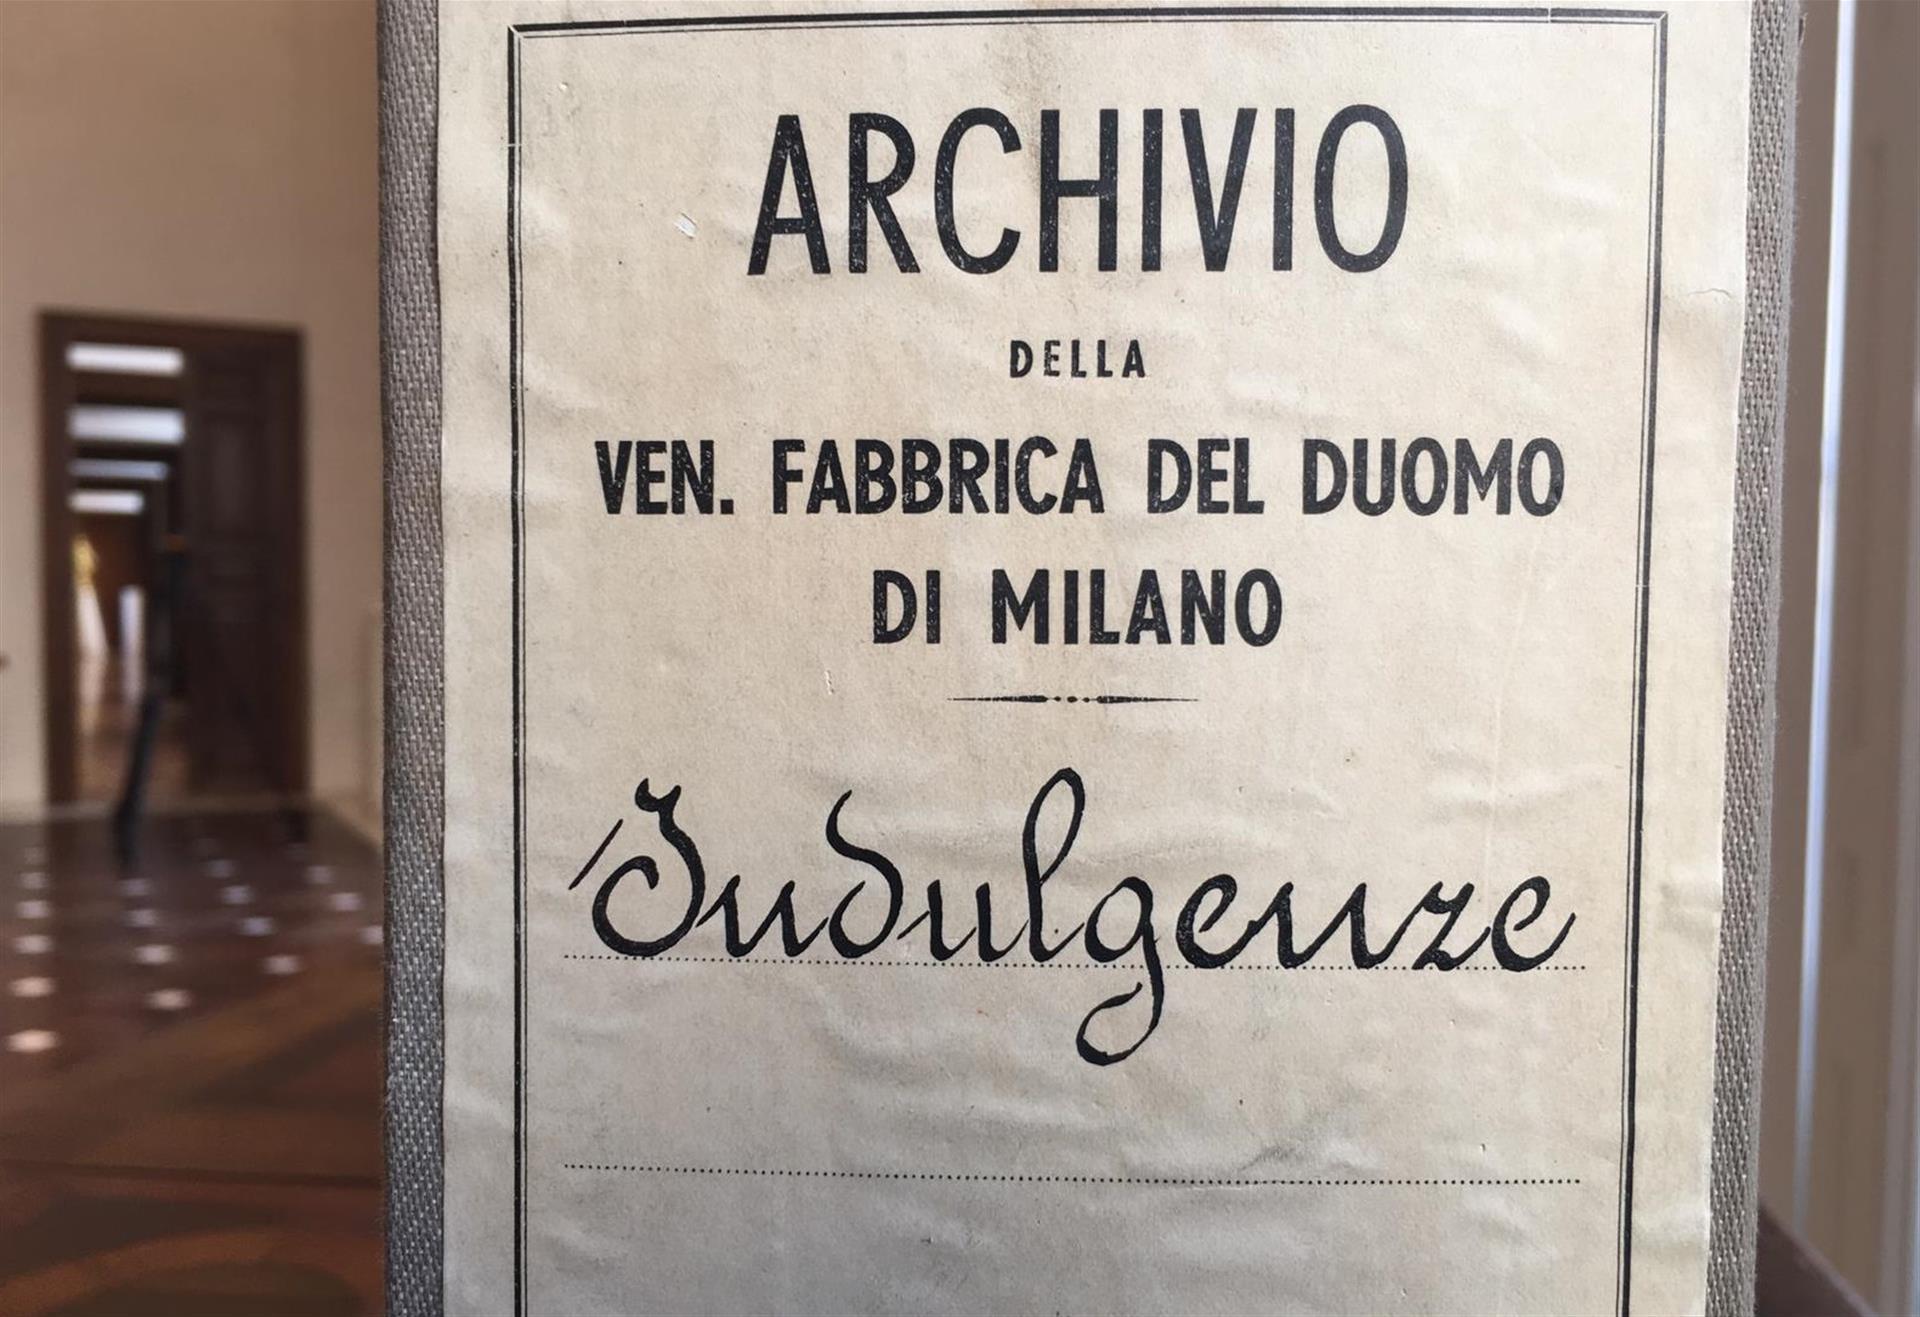 Archivio Indulgenze